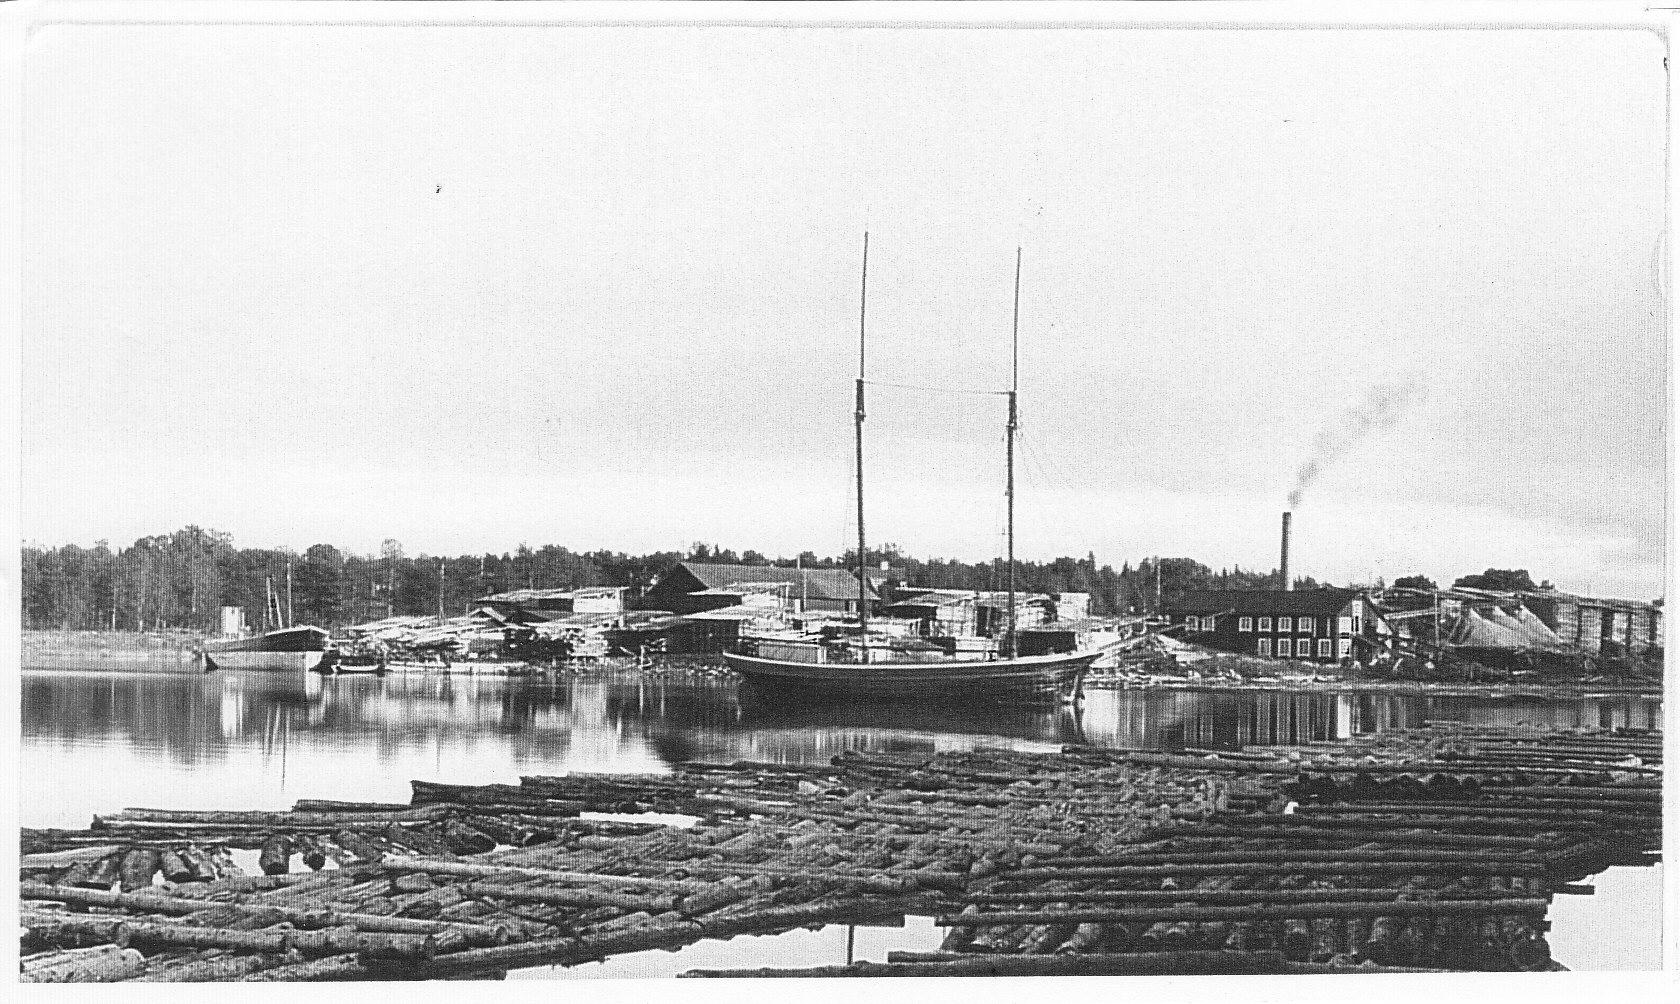 """Bogserbåten """"Emil"""" som tillhörde Elmsta Ångsåg. Vid sågens brygga ligger skutan """"Sari""""."""